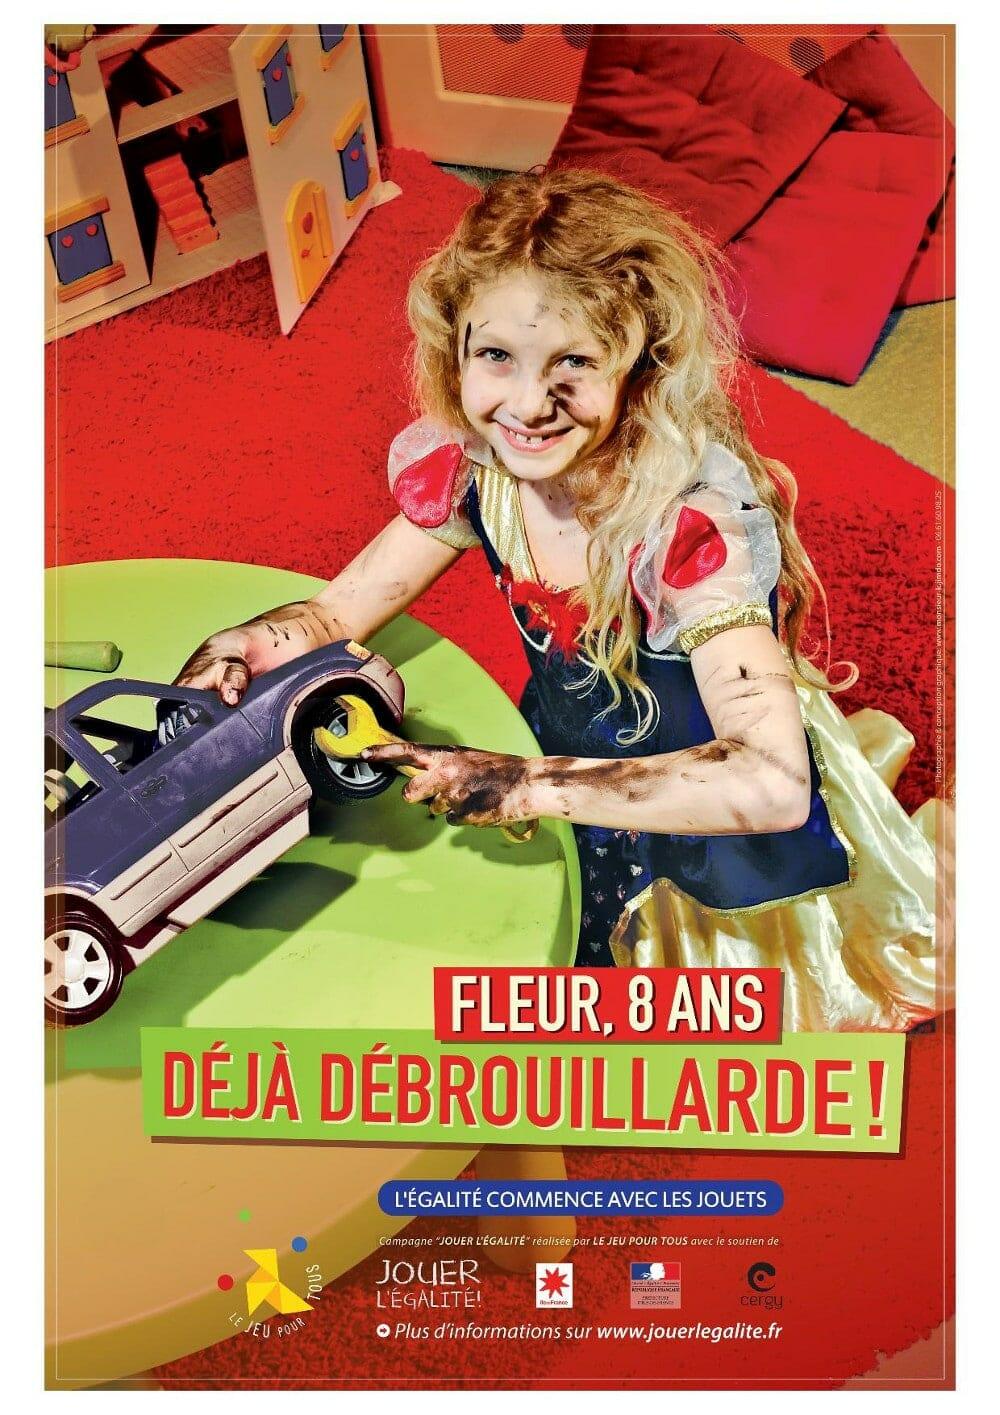 Jouer pour l'égalité : une fille joue aux voitures